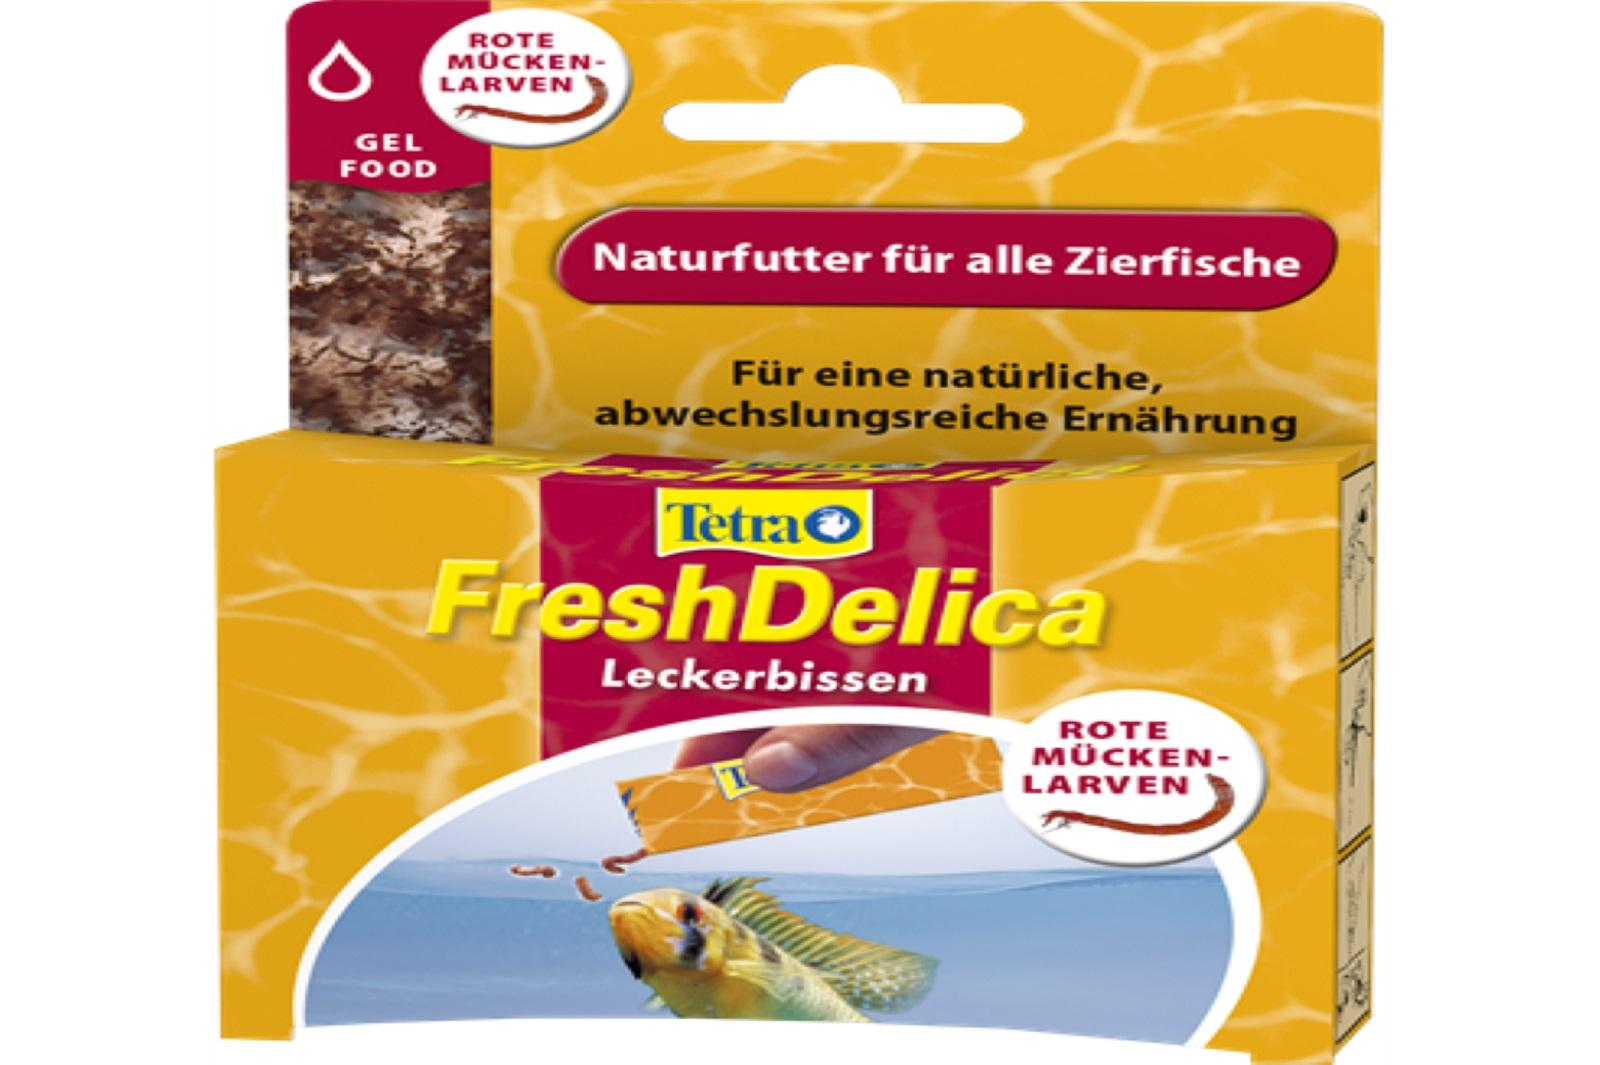 Tetra Fresh Delicia Mückenlaven 48 g Fischfutter für Zierfische